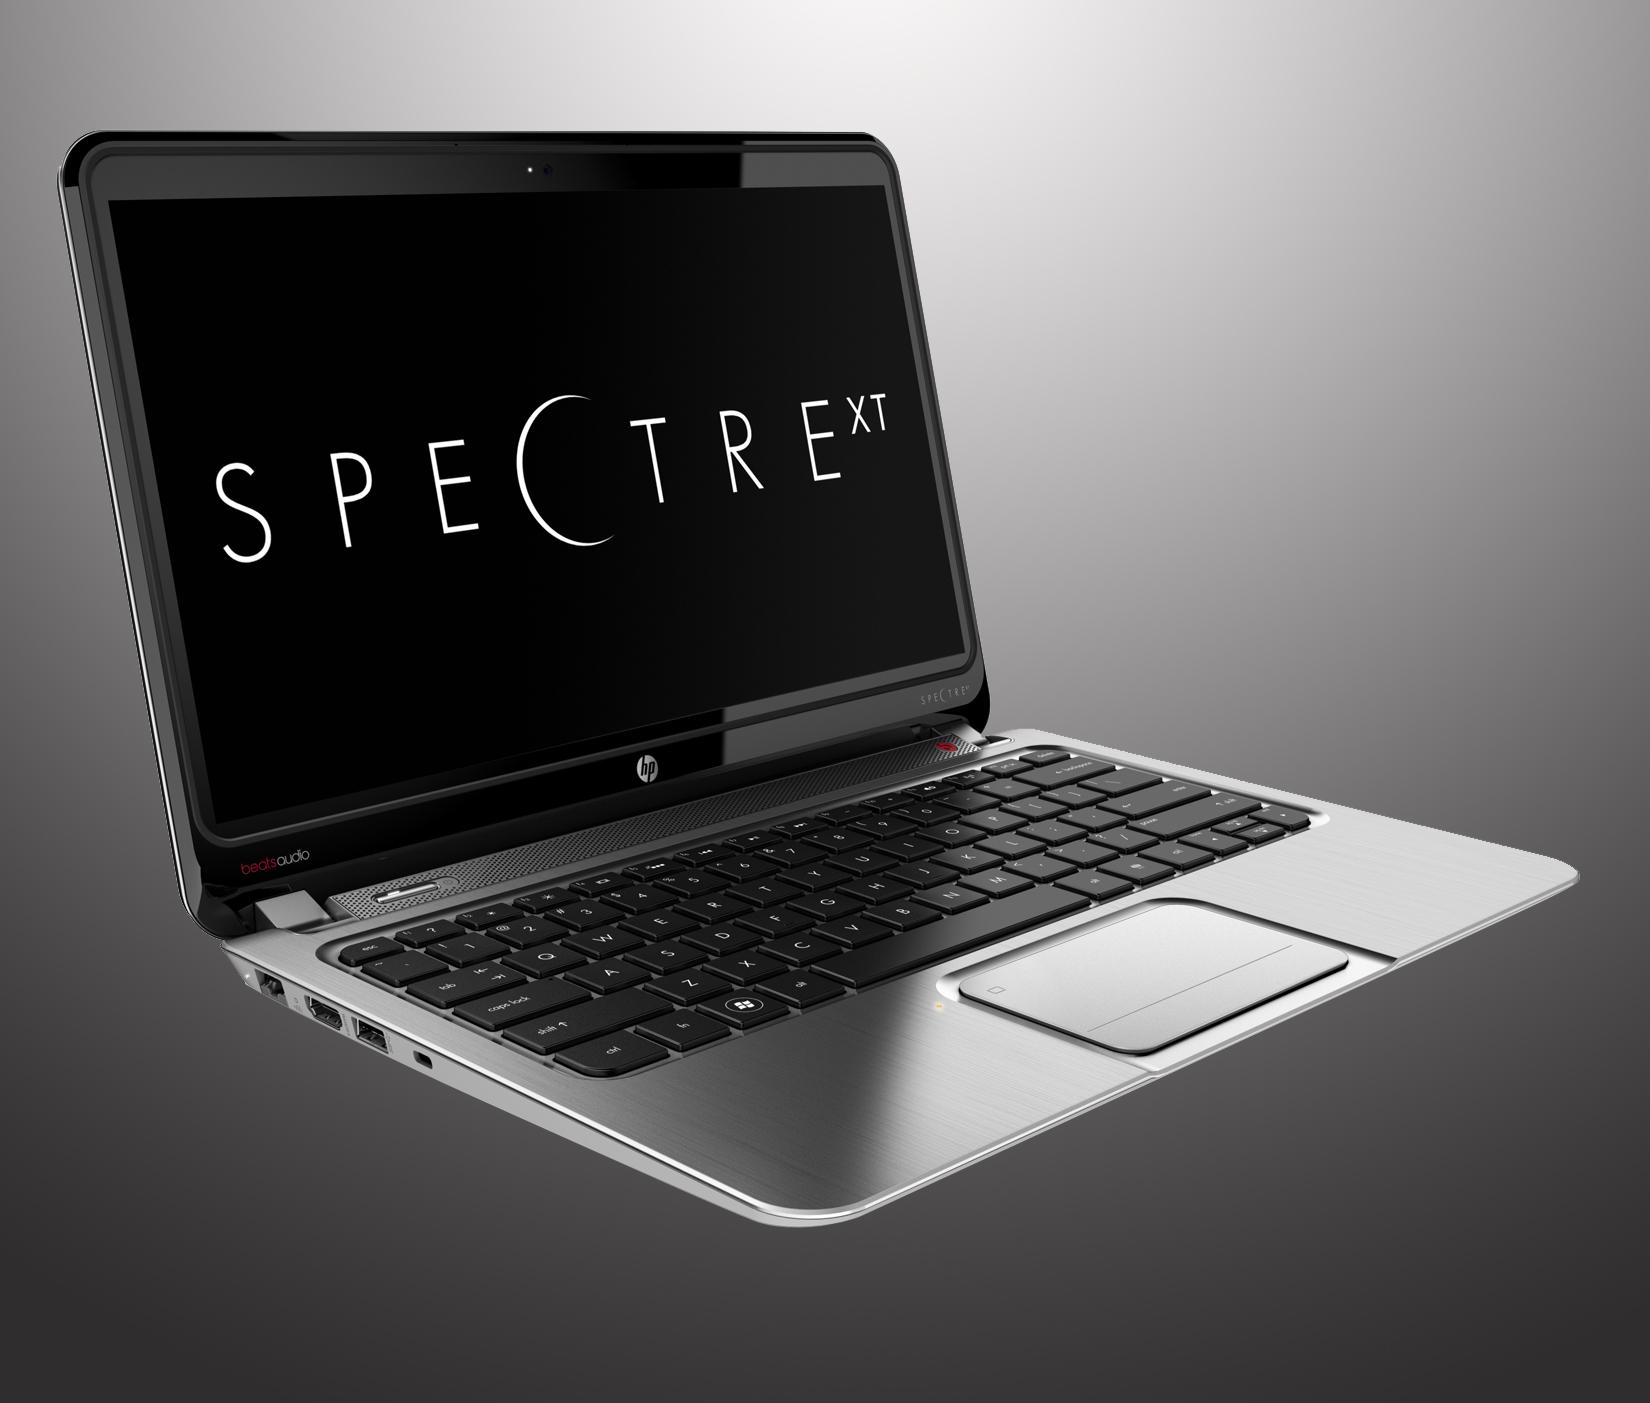 Spectre Review James Bond Sizzles Despite The Hype 1650x1403